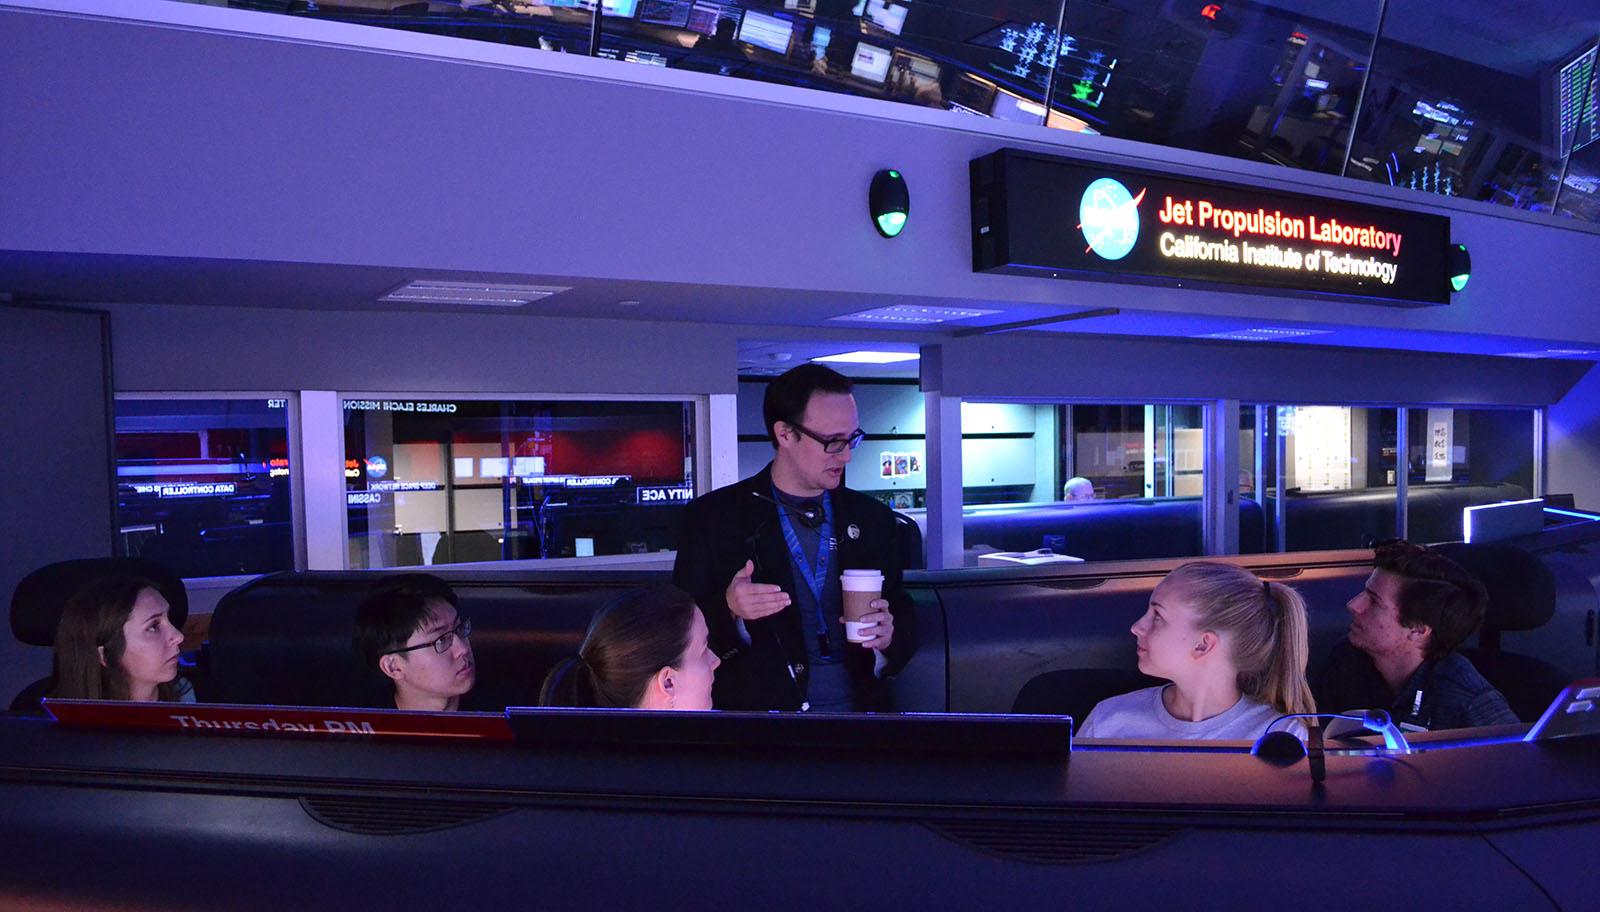 Saturn Mission's Last Class of Summer Interns - Meet JPL ...